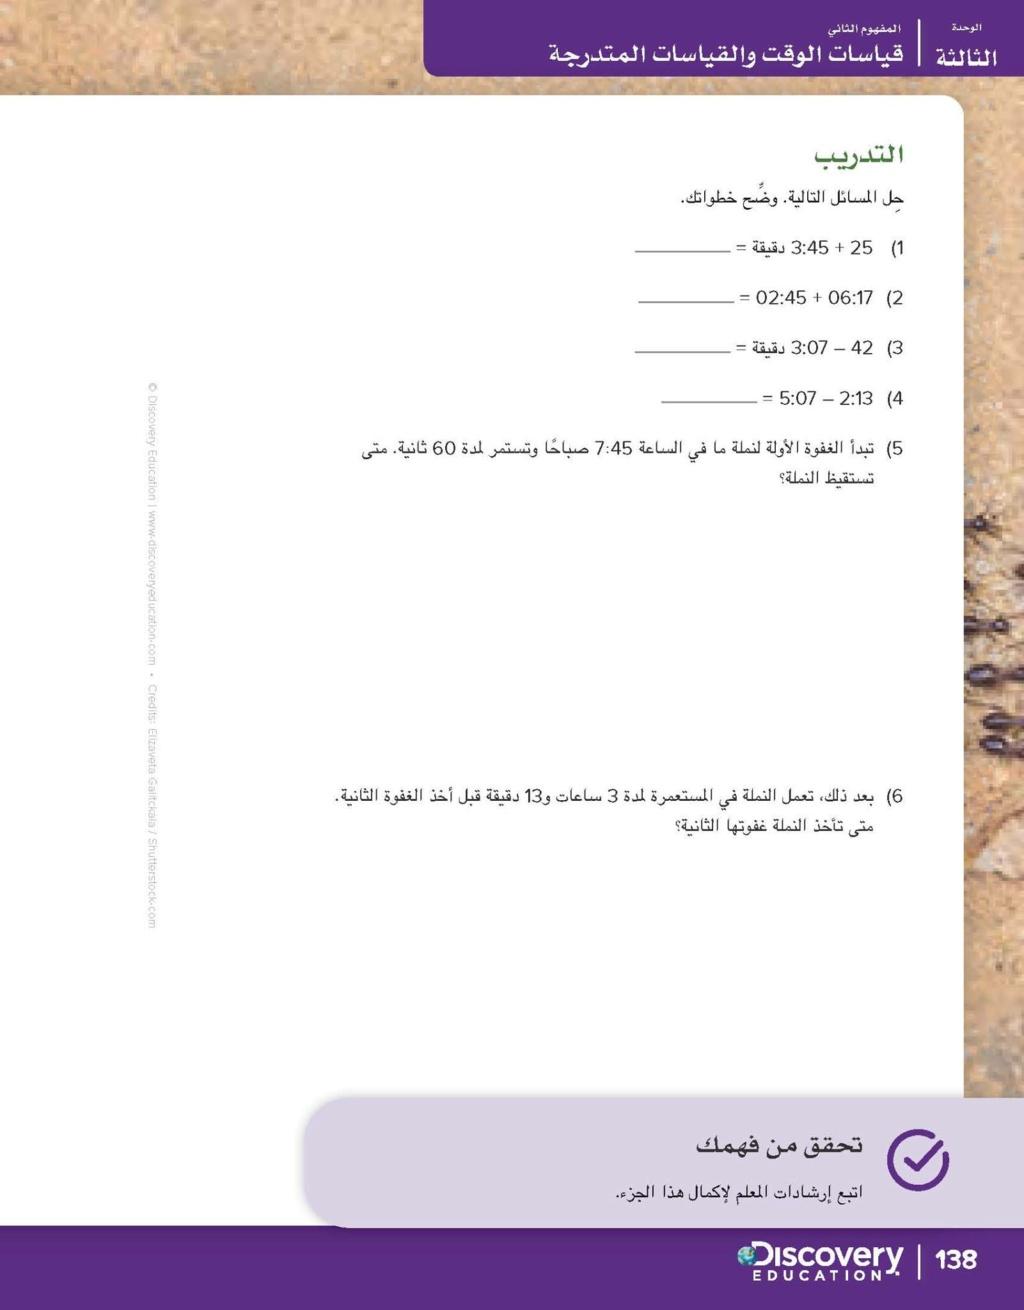 صفحات من كتاب المدرسة رياضيات و شكاوى من صياغة بعض العمليات على الأعداد من اليمين لليسار و أخرى من اليسار لليمين 24260910